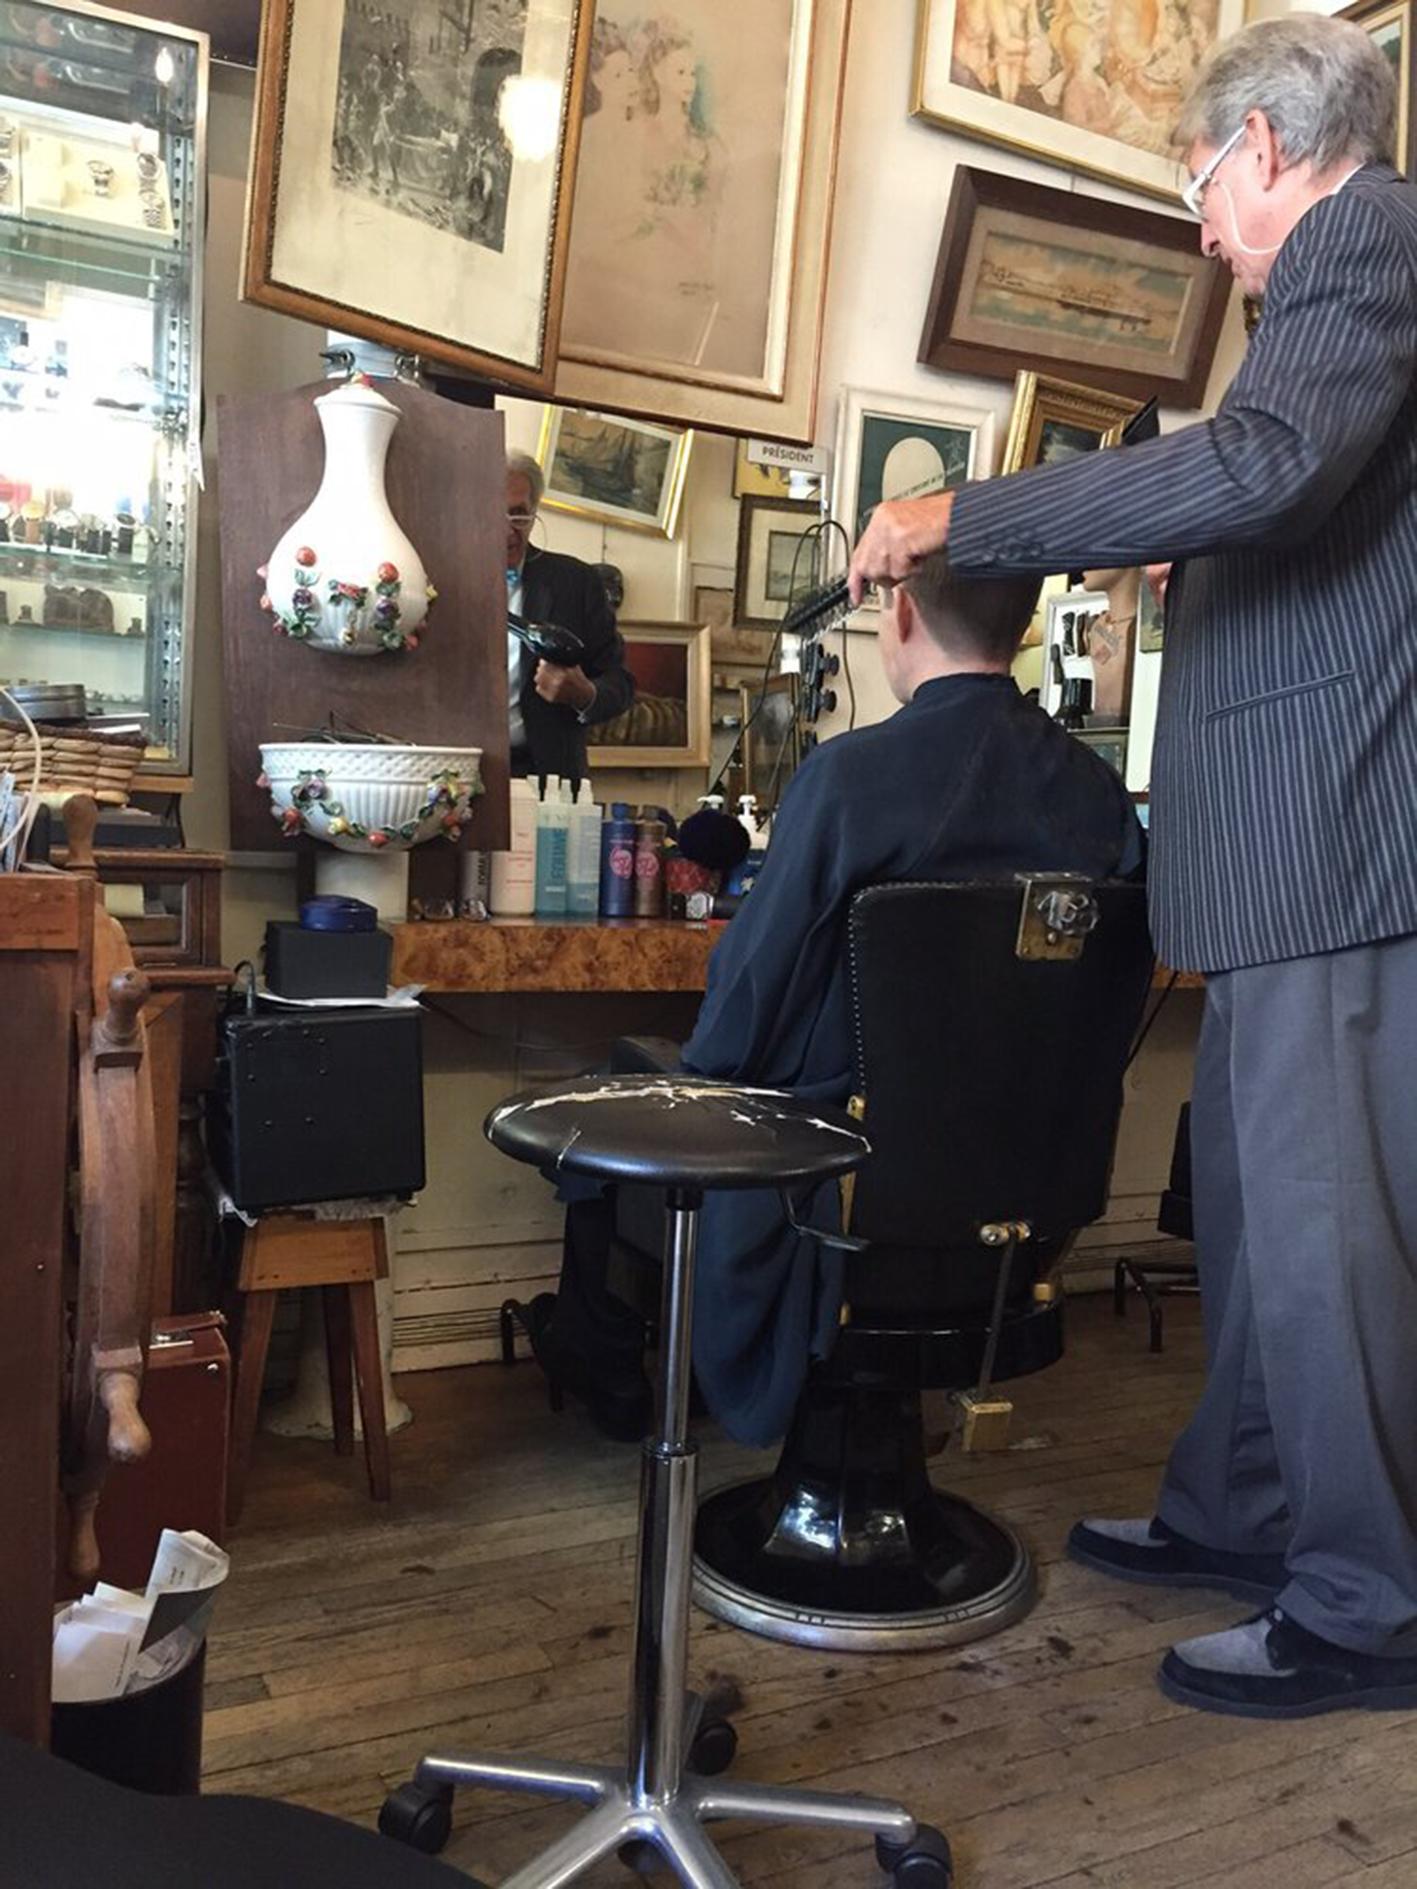 Salon de coiffure bio paris 15 coiffures f minines et for Salon de coiffure paris 13